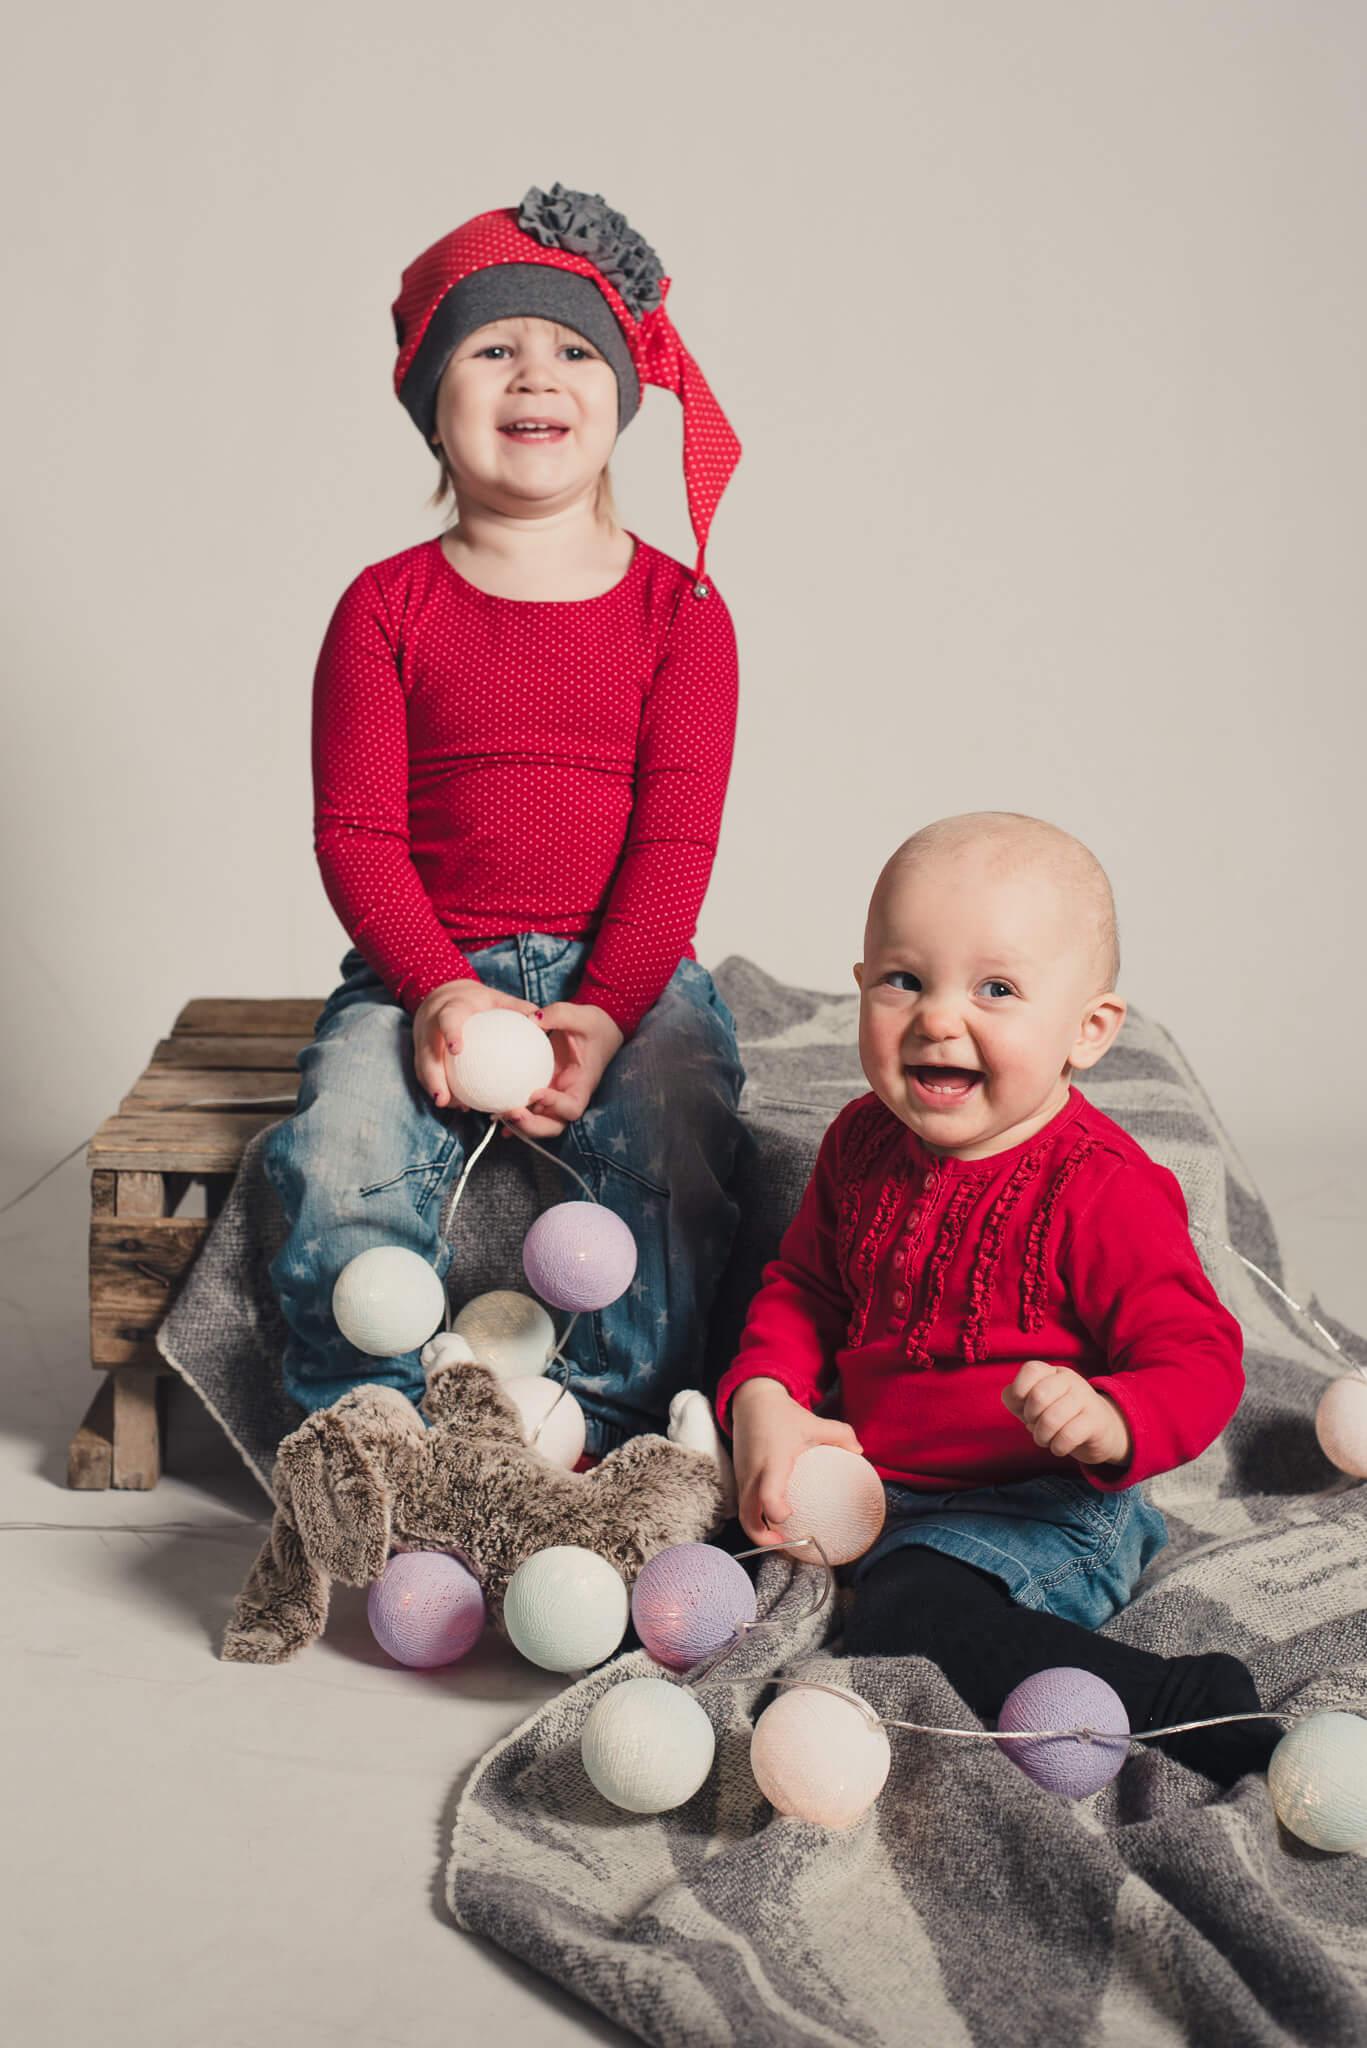 valokuvat-lapsikuvaus-studiokuvaus-joulu